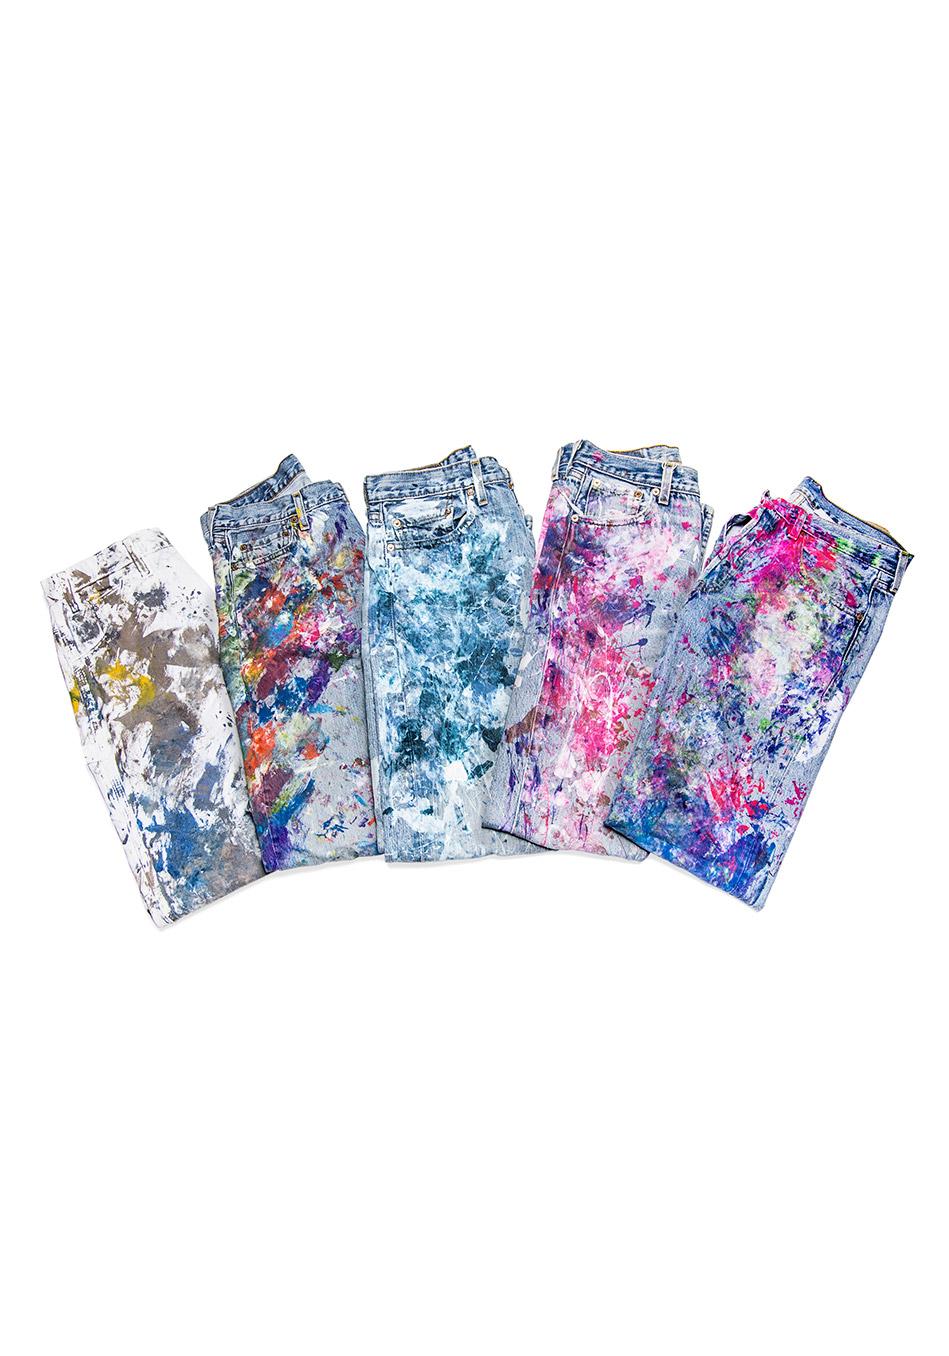 джинсовые вещи, модные тренды осень 2014:  брызги и пятна краски